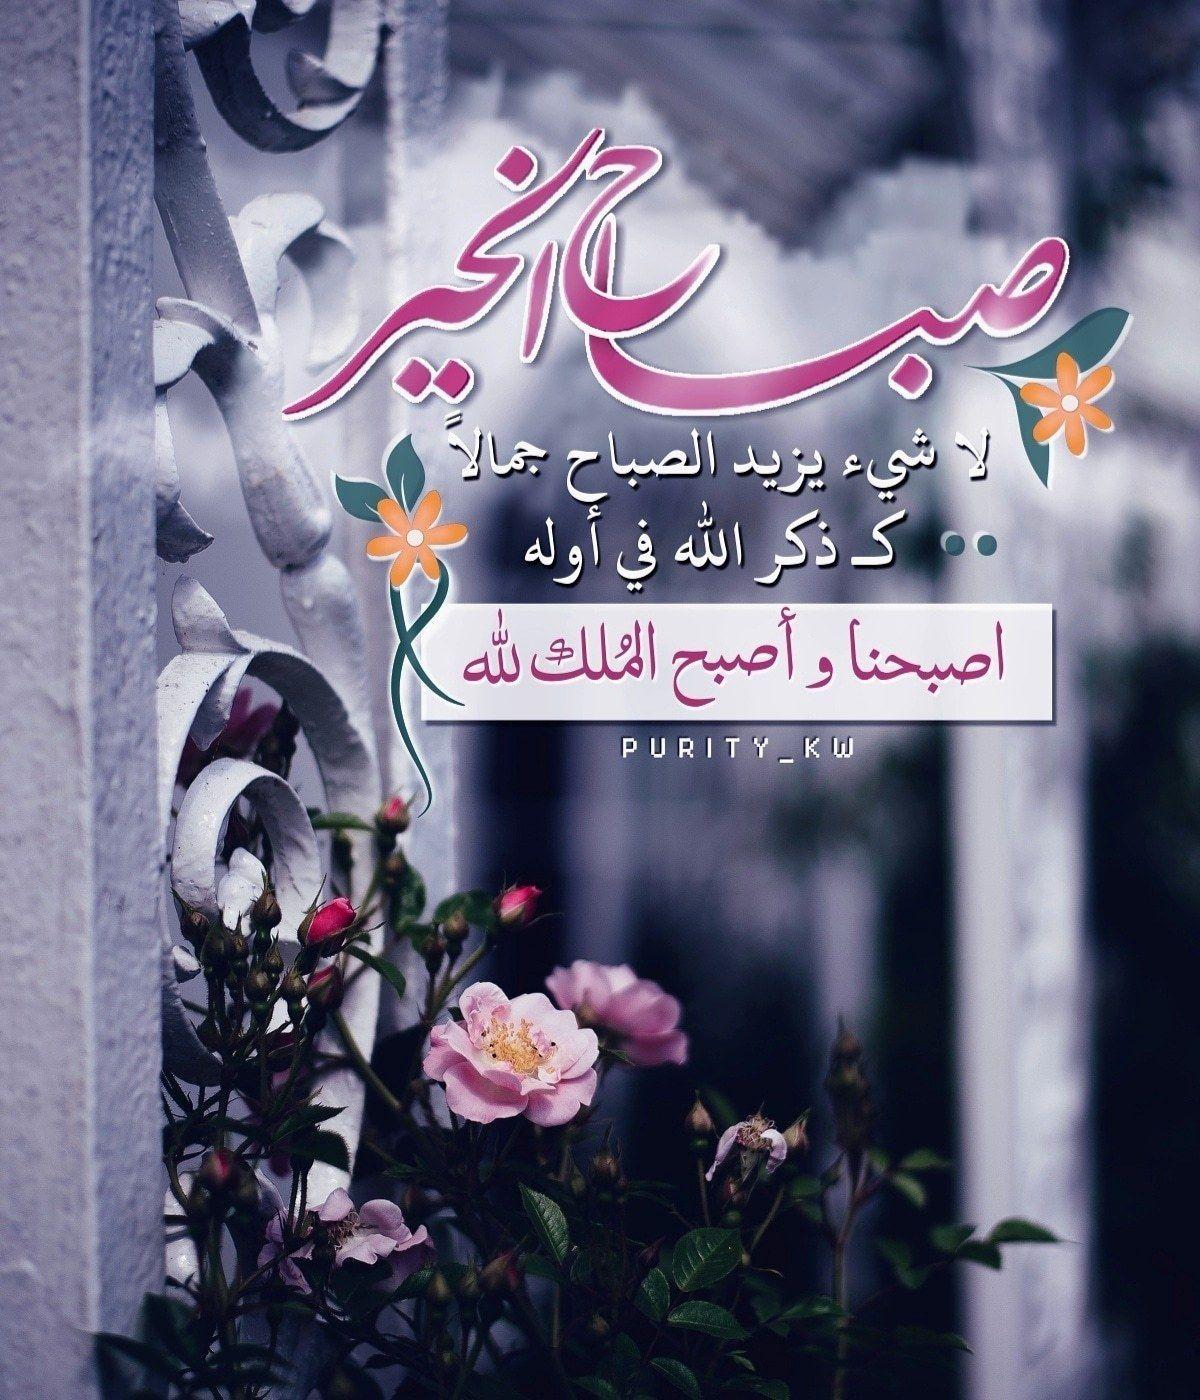 صور صباح الخير واجمل عبارات صباحية للأحبه والأصدقاء موقع مصري Beautiful Gif Morning Images Chalkboard Quote Art